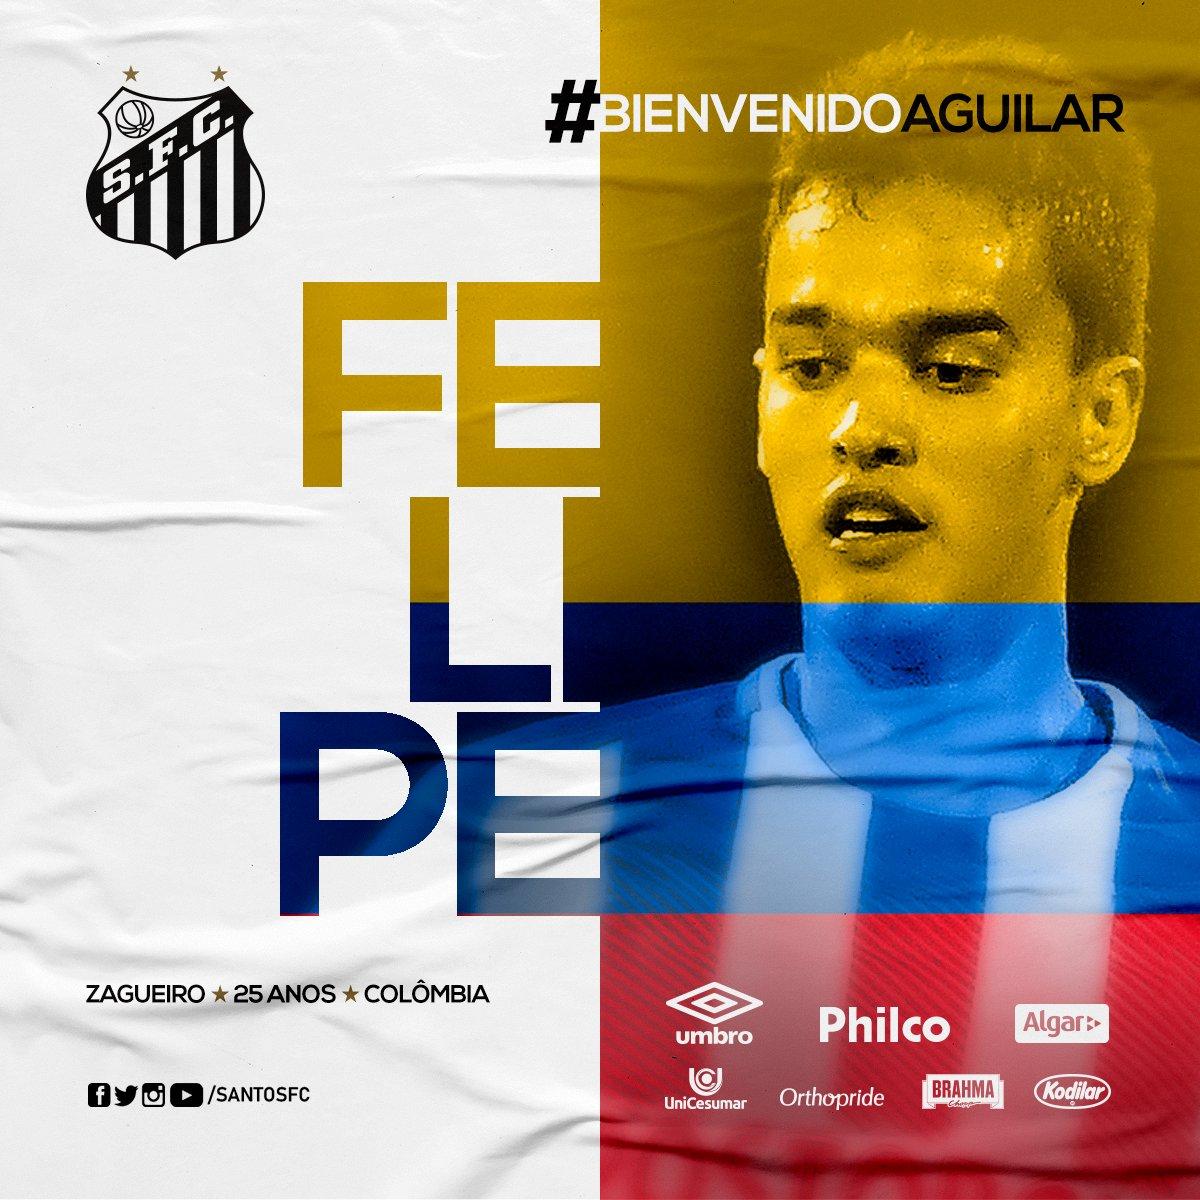 ⚫⚪ É DO PEIXE!  O @SantosFC anunciou o zagueiro colombiano Felipe Aguilar, de 25 anos, e campeão da Libertadores pelo Atlético Nacional. Bom reforço, torcedor?